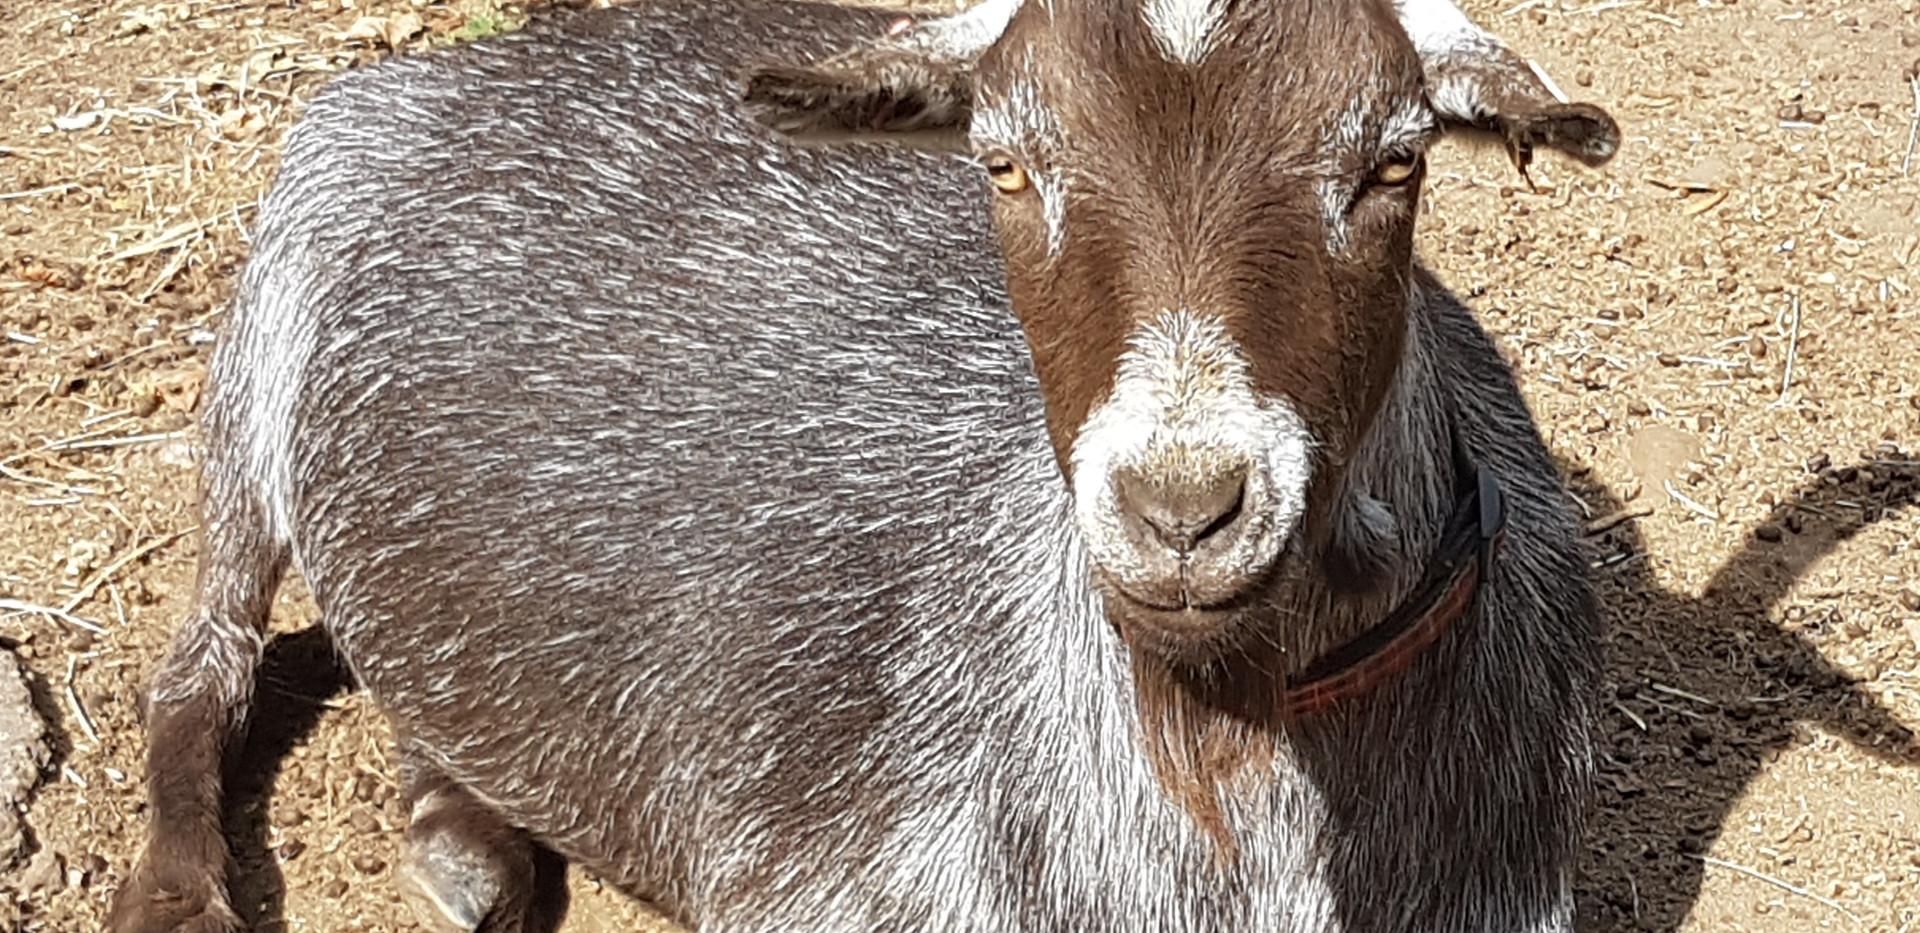 Patch the Pygmy Goat